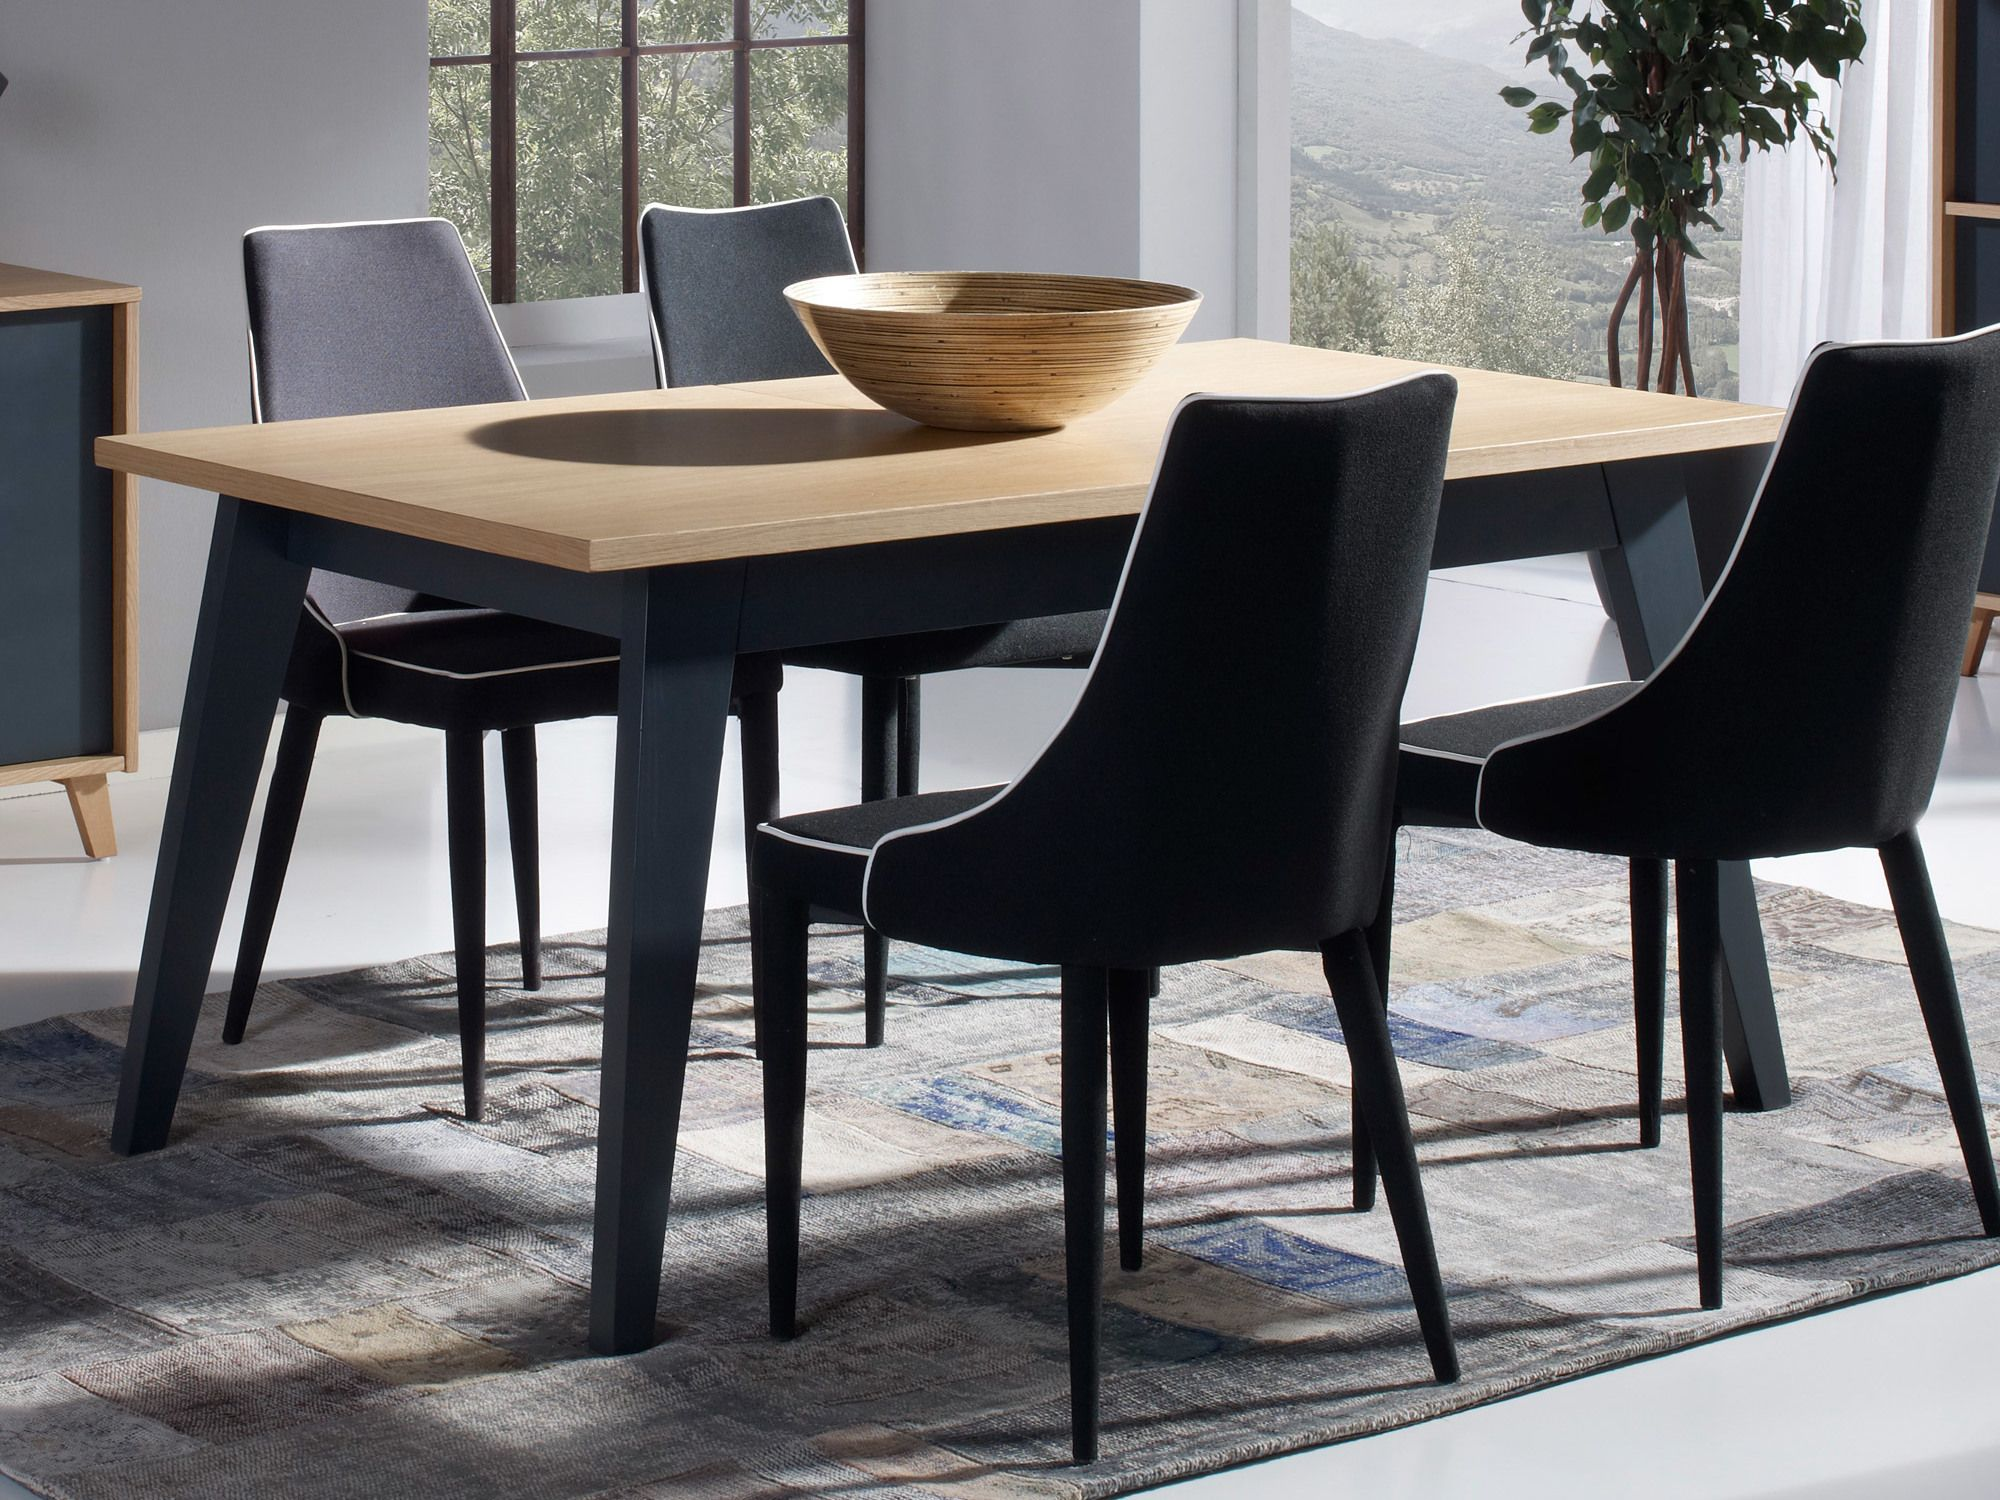 8921e324de195054e4ba7780f1f6aaa6 Incroyable De Table Rectangulaire Conforama Conception